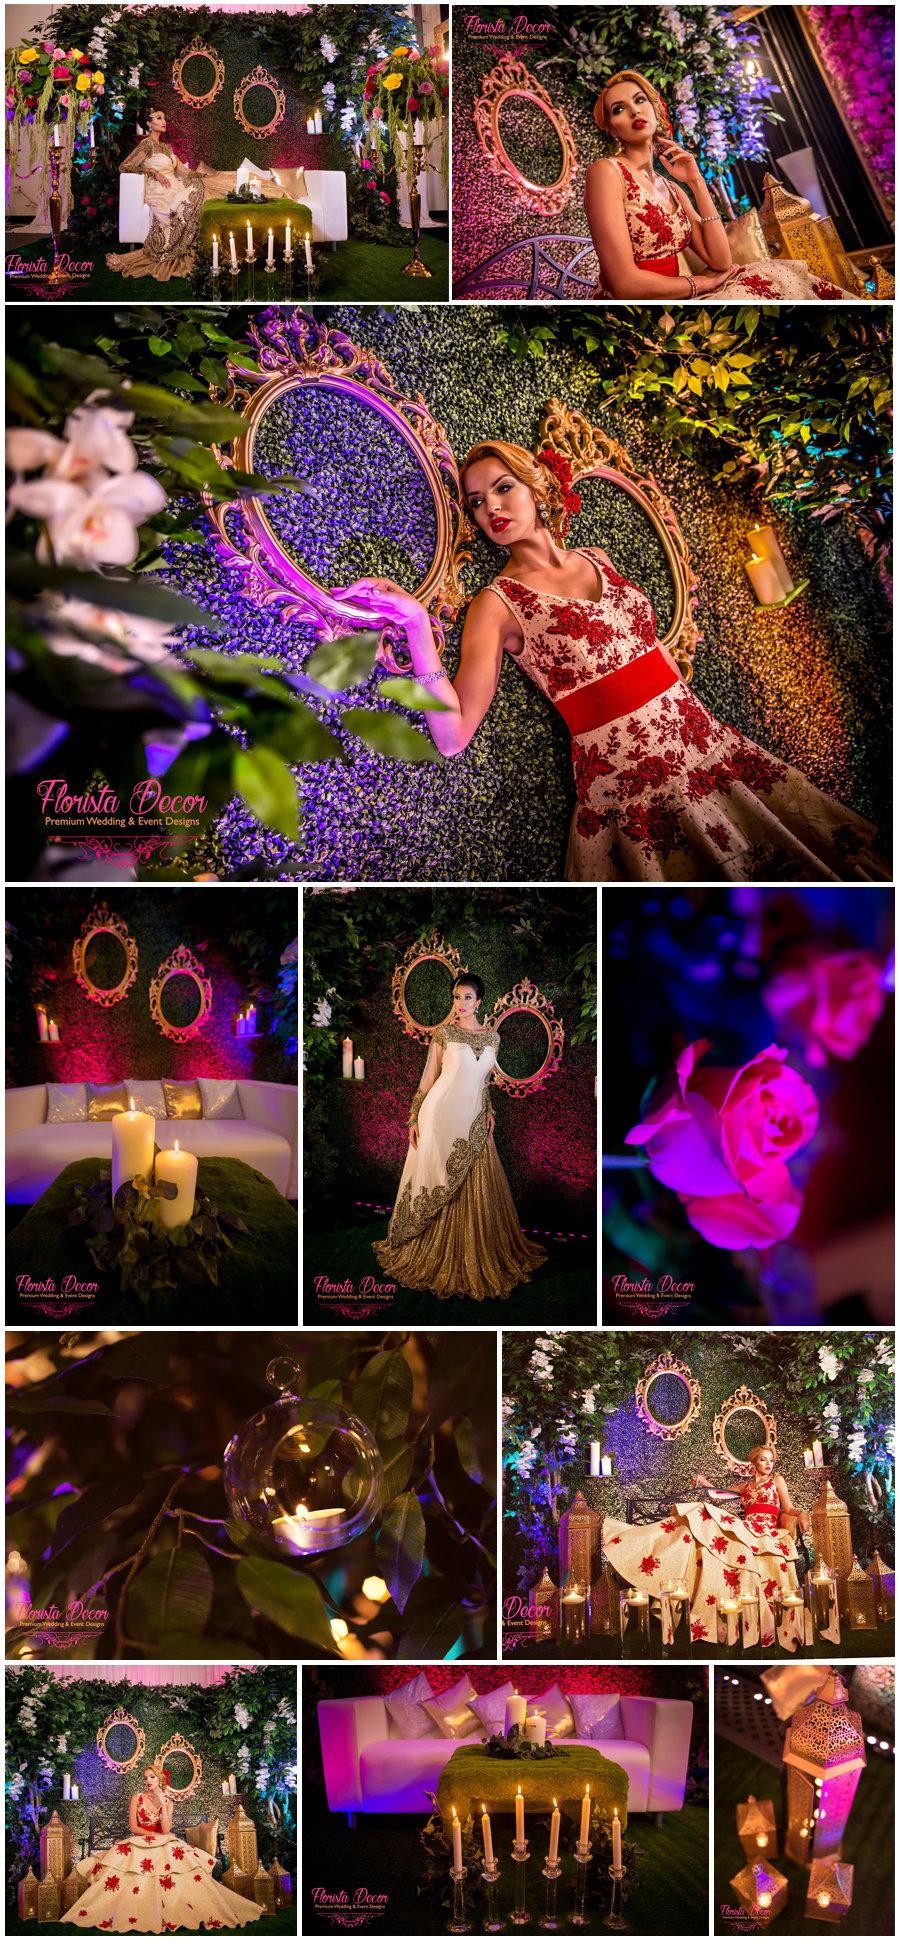 florista_decor_garden_theme_indian_weddi